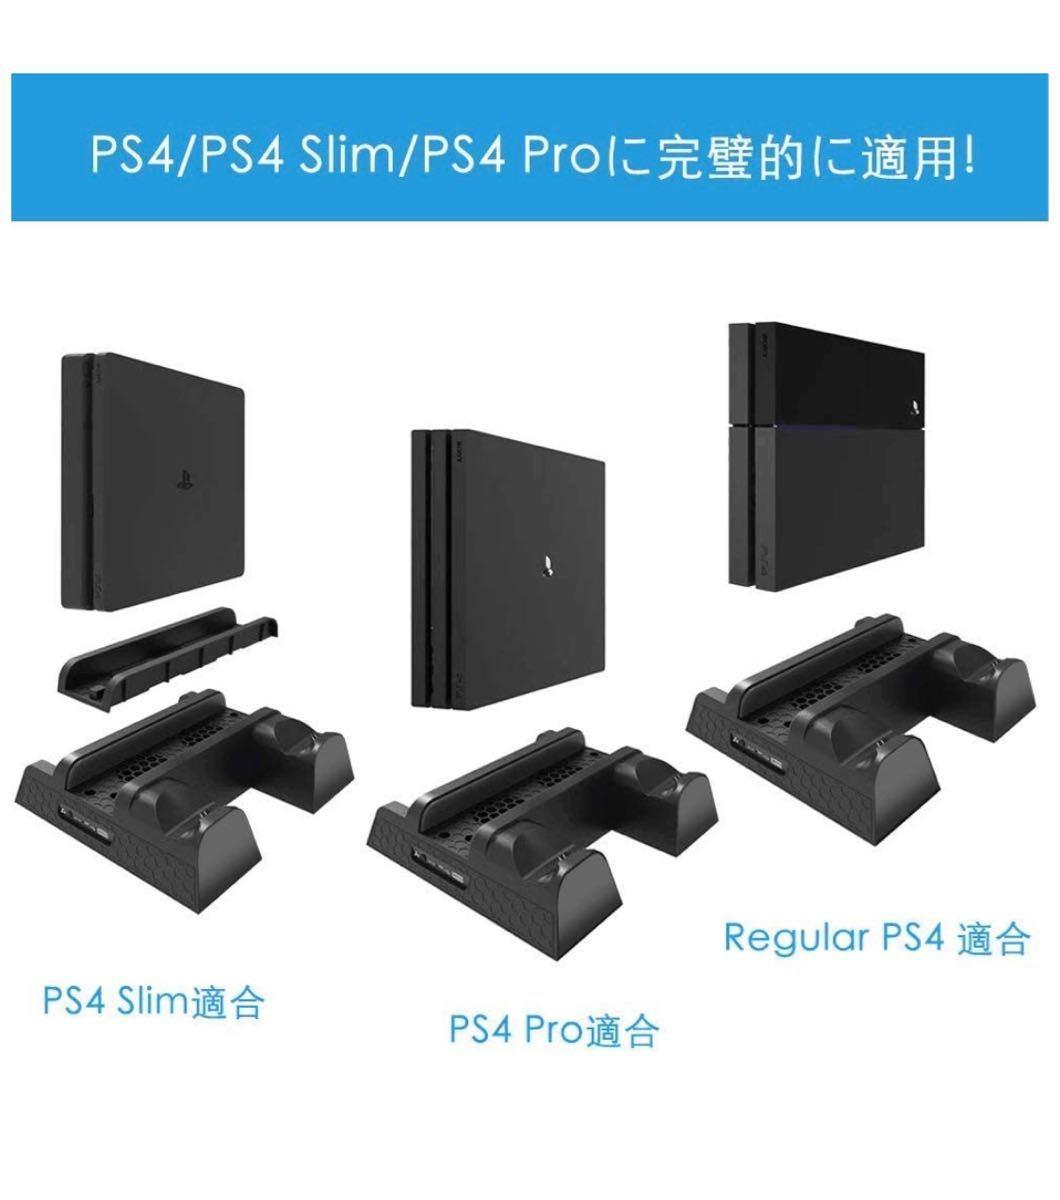 PS4スタンド PS4スリム PS4 PRO 多機能縦置きスタンド